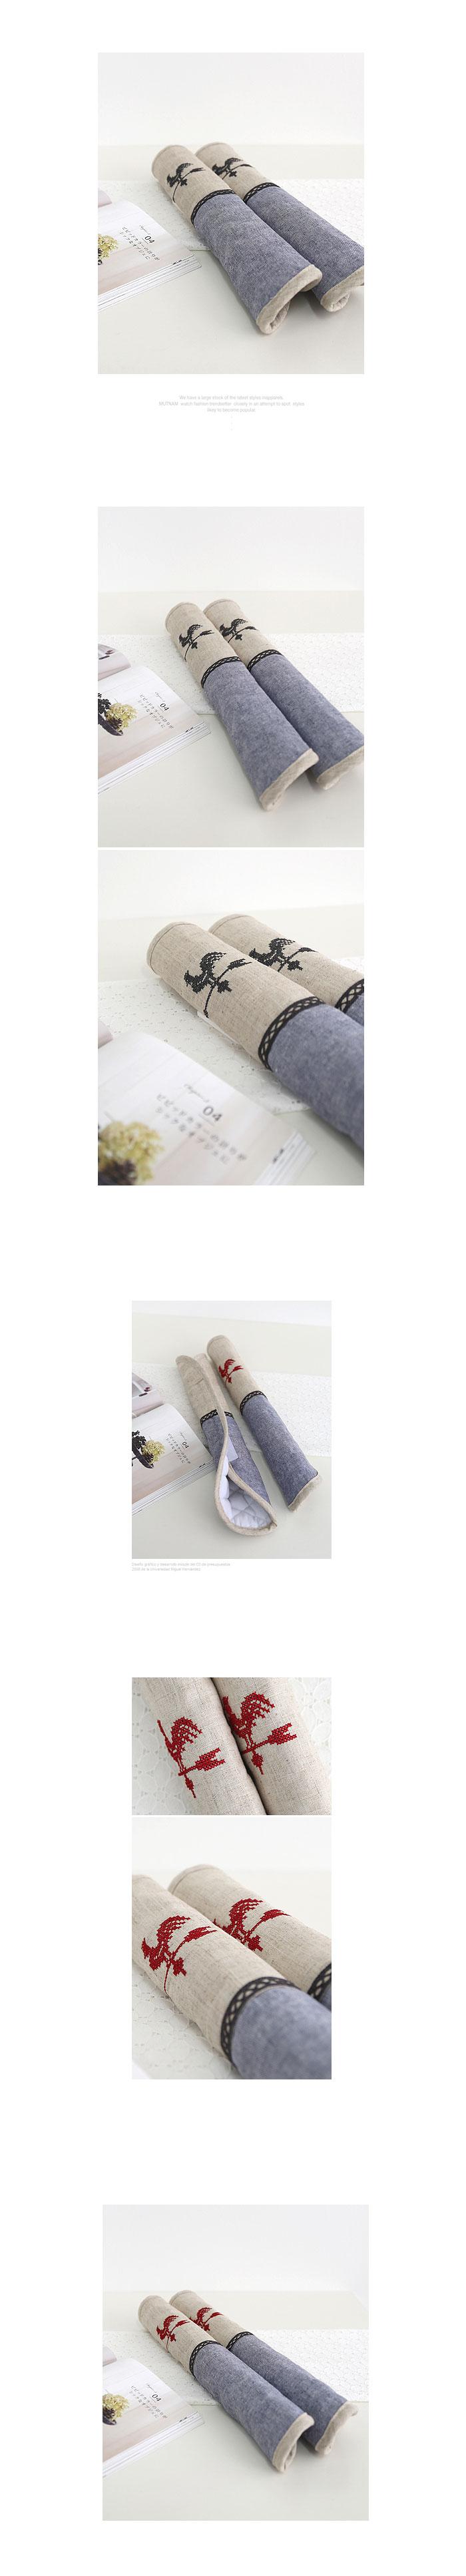 루스터 손잡이 커버(2color) - 안나하우스, 11,000원, 커버류, 기타 커버류